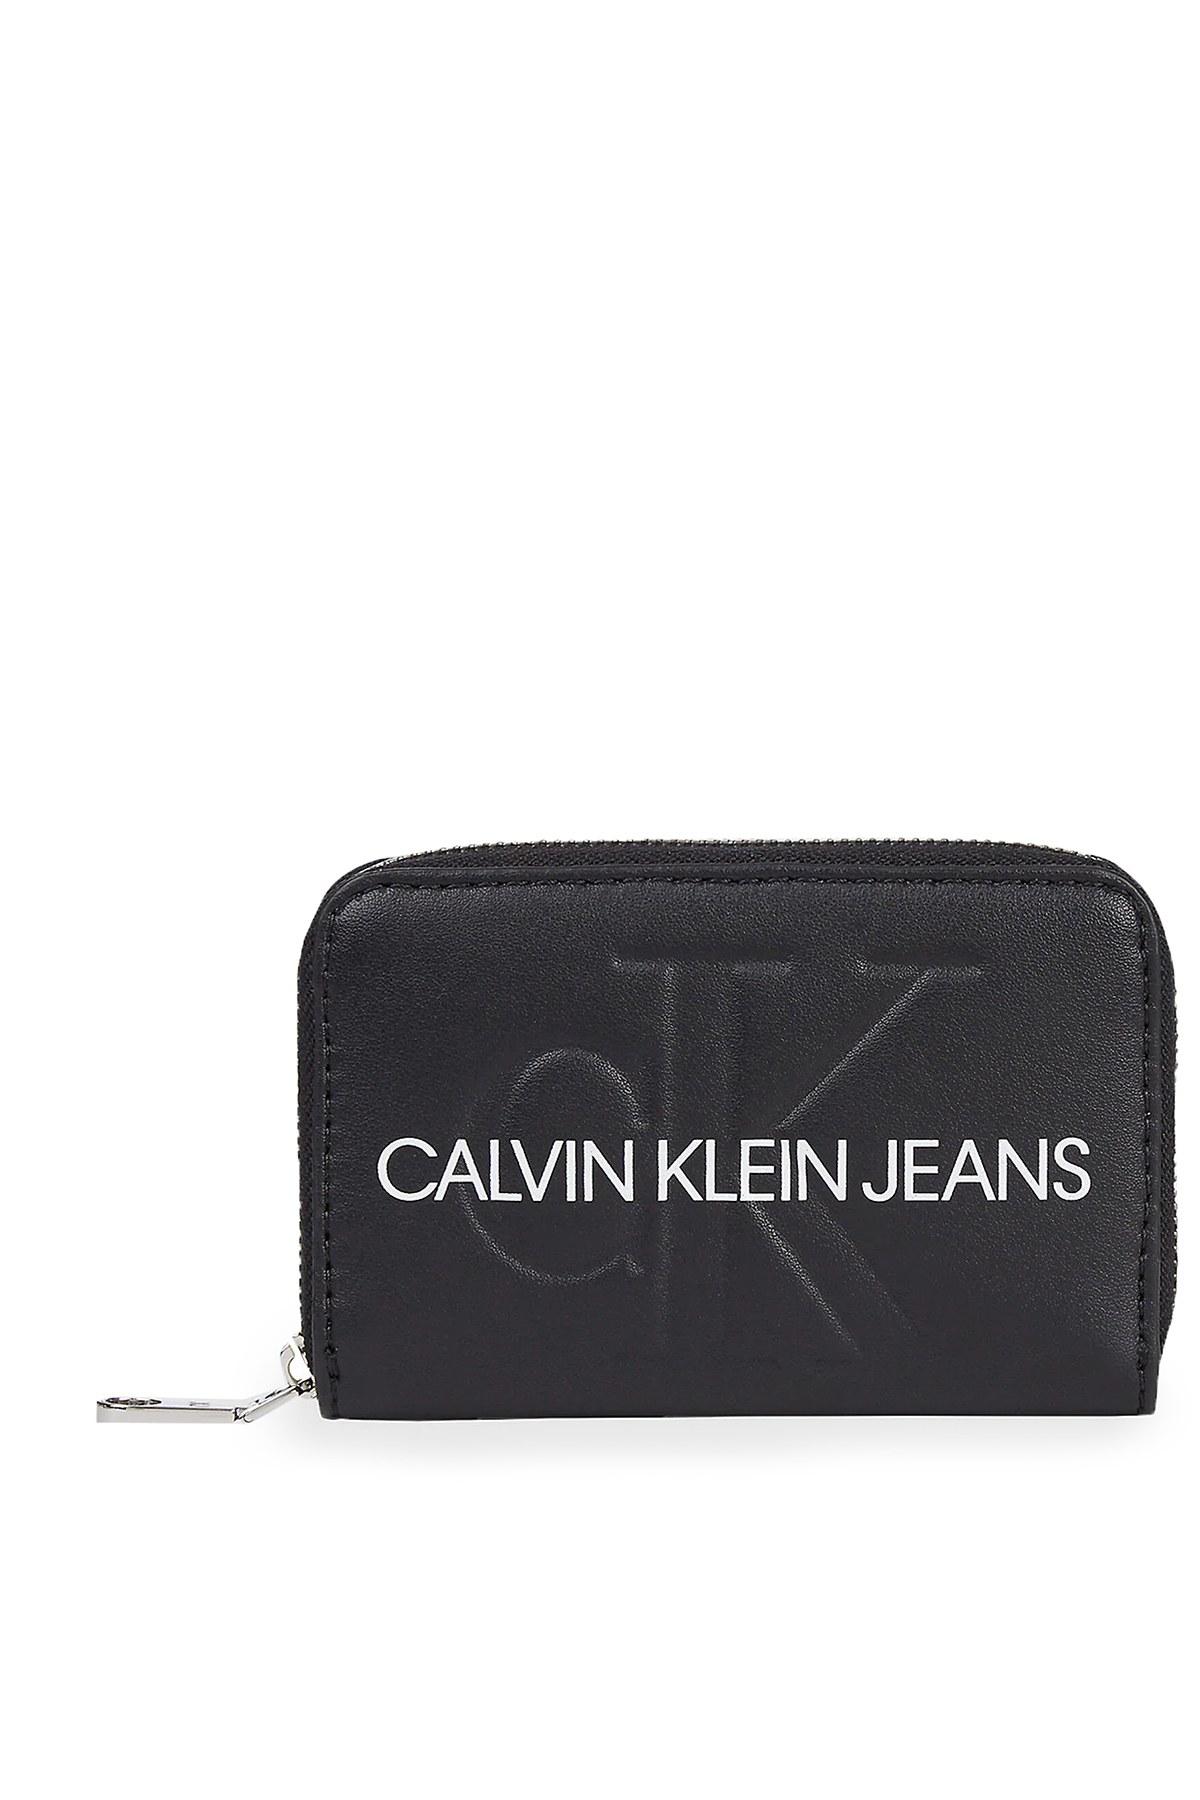 Calvin Klein Logo Baskılı Kadın Cüzdan K60K607229 BDS SİYAH